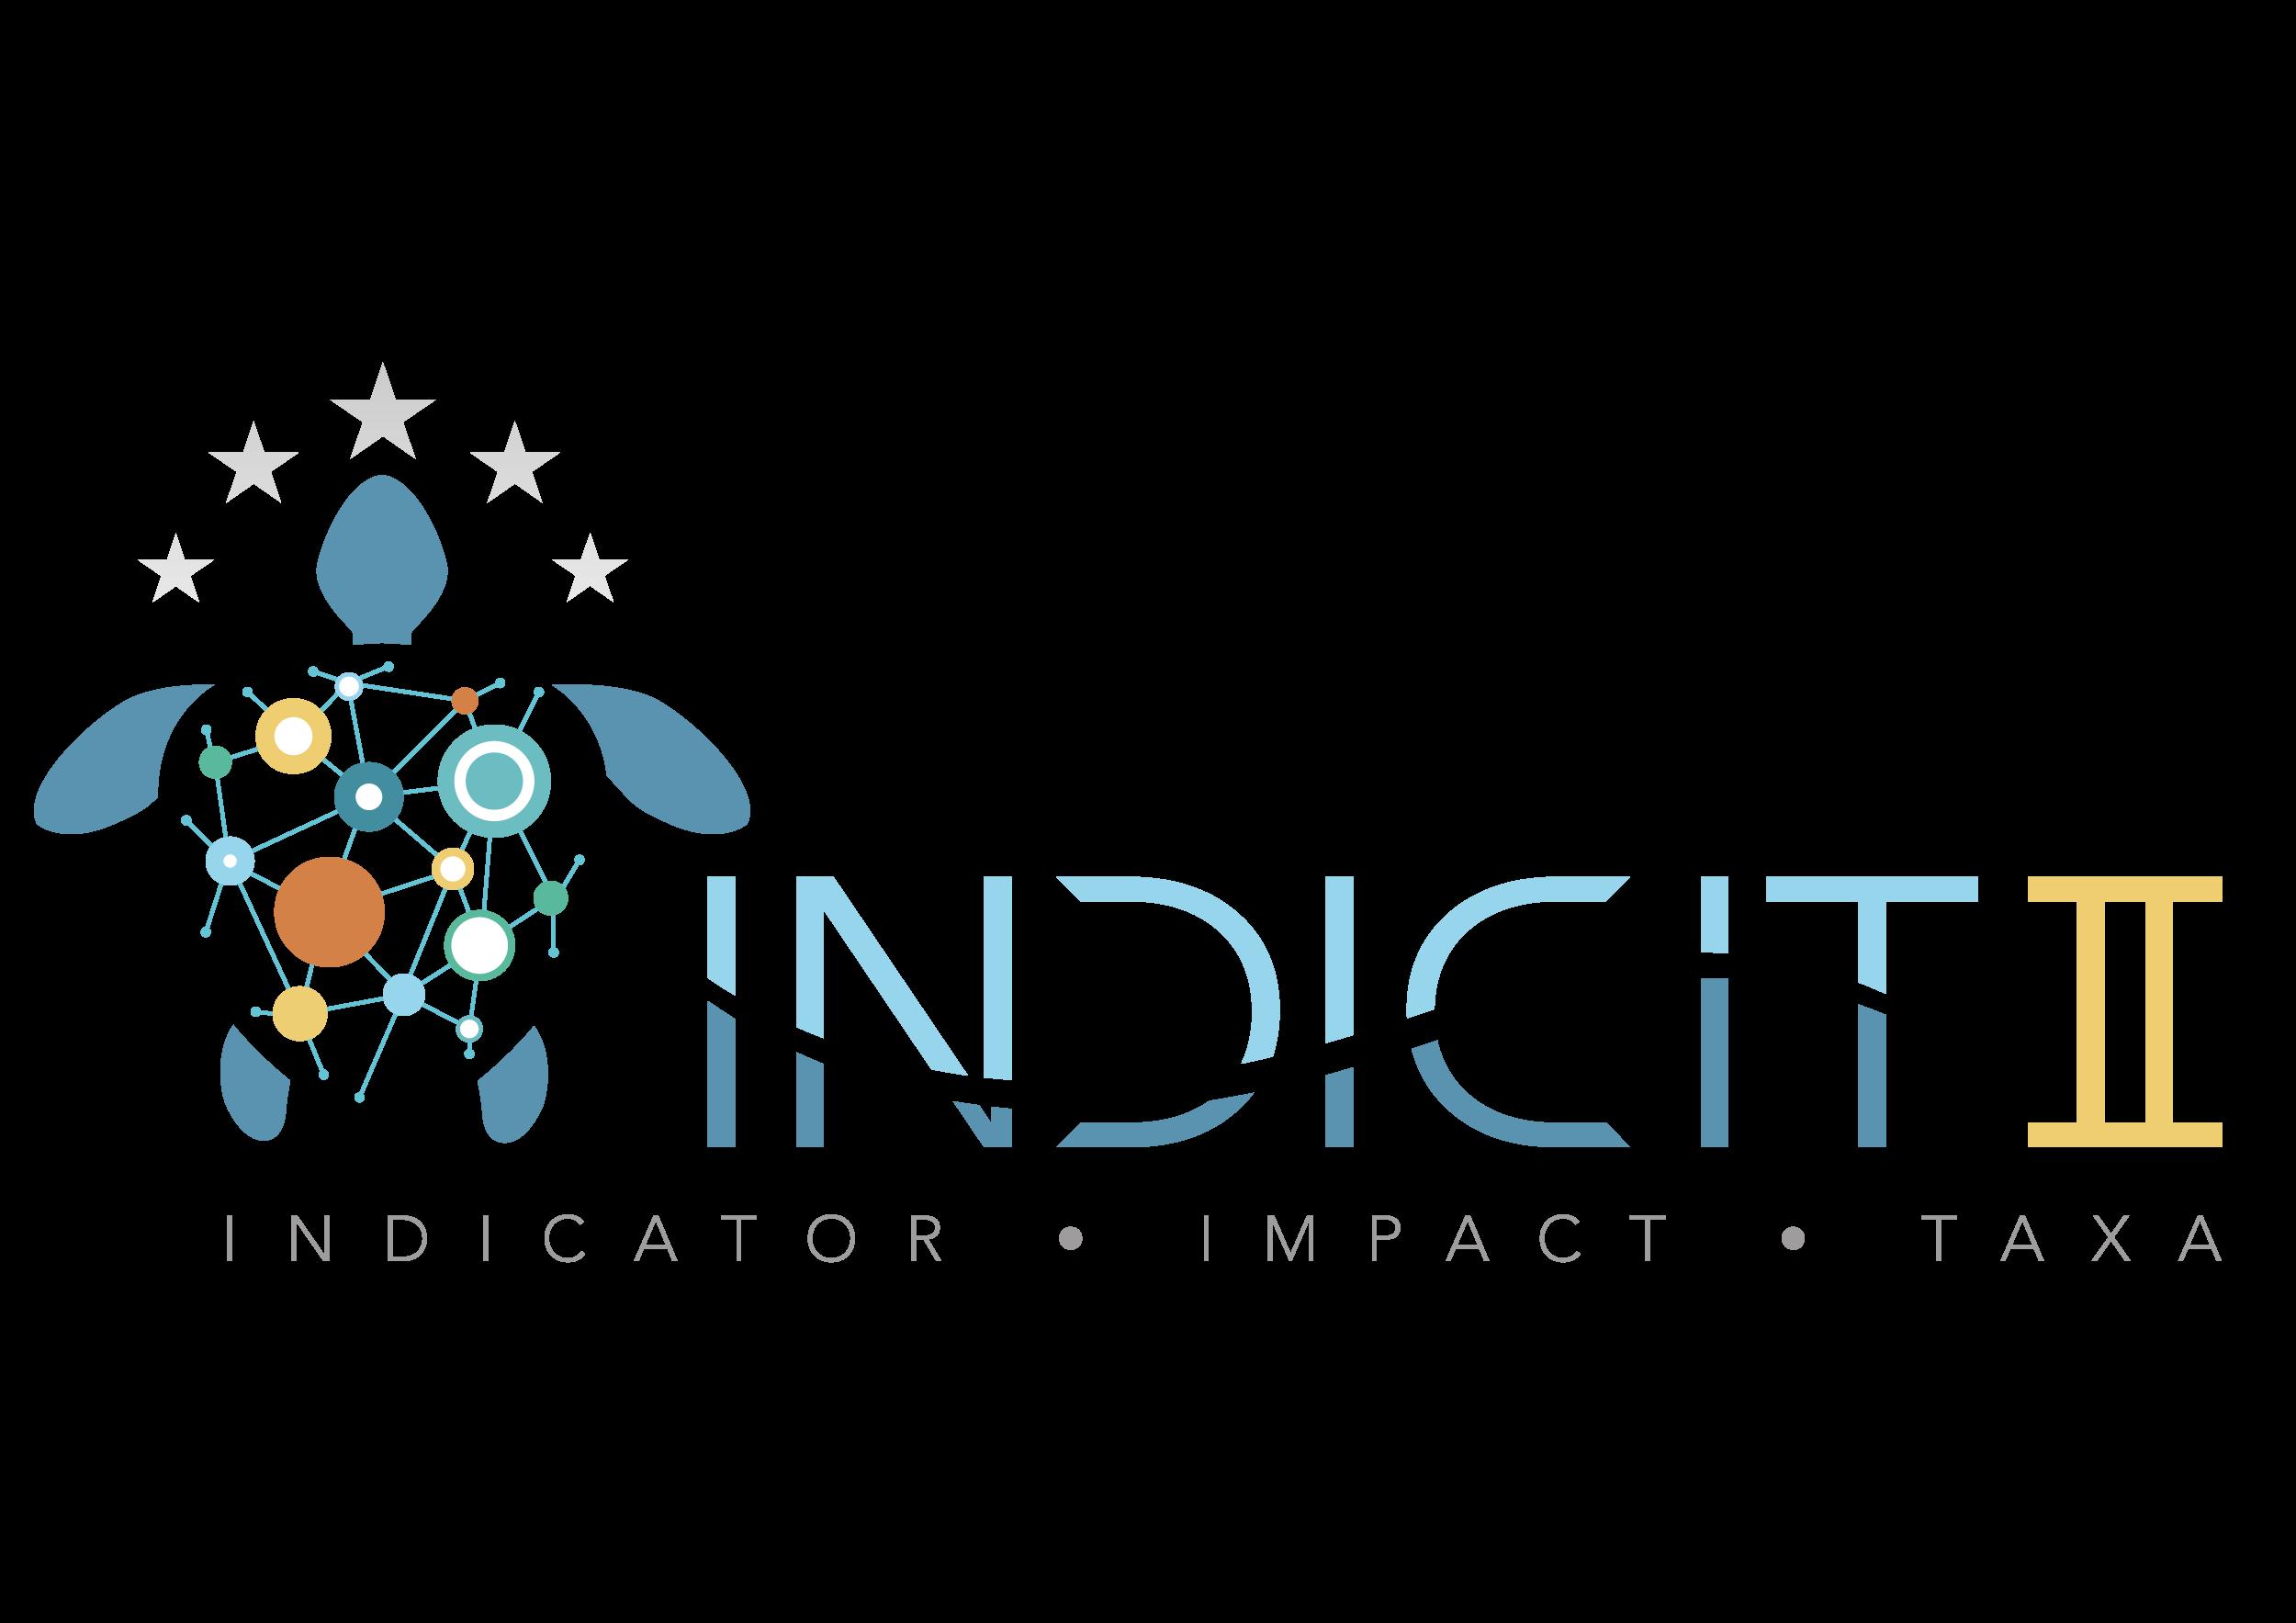 INDICIT II